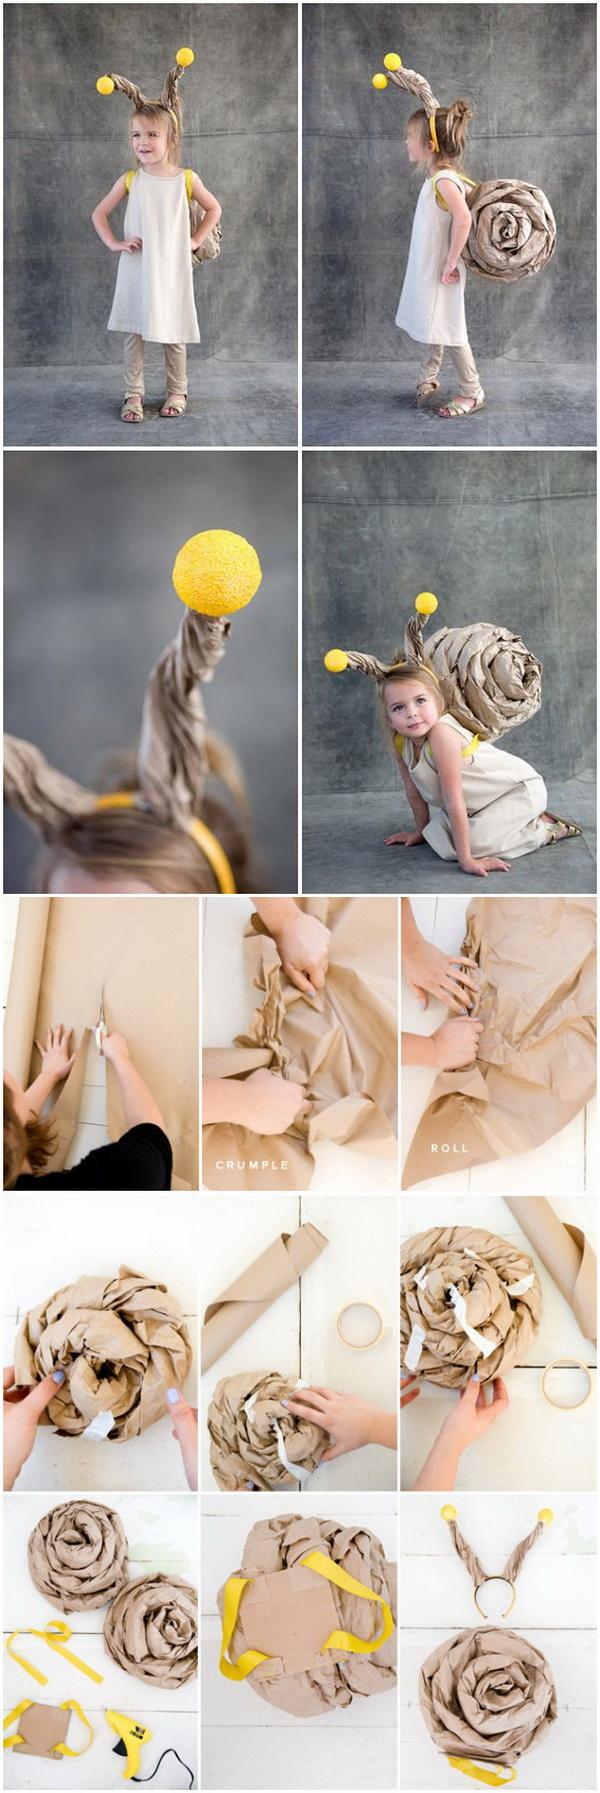 DIY Snail Costume For Kids.